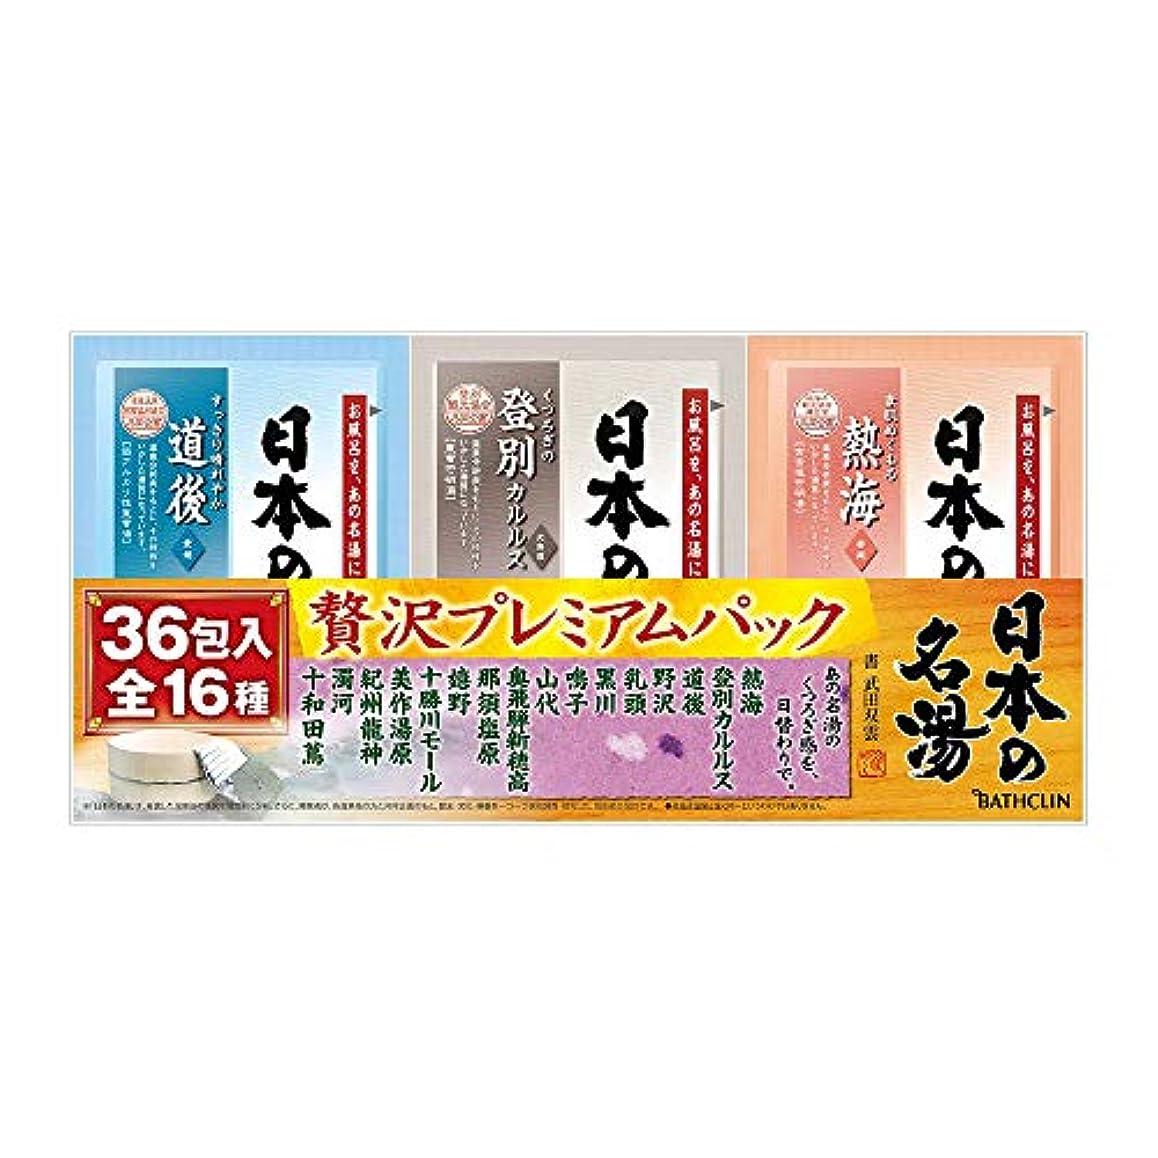 解釈批判する請求書【医薬部外品/大容量】日本の名湯入浴剤 贅沢プレミアムパック36包入 個包装 詰め合わせ 温泉タイプ